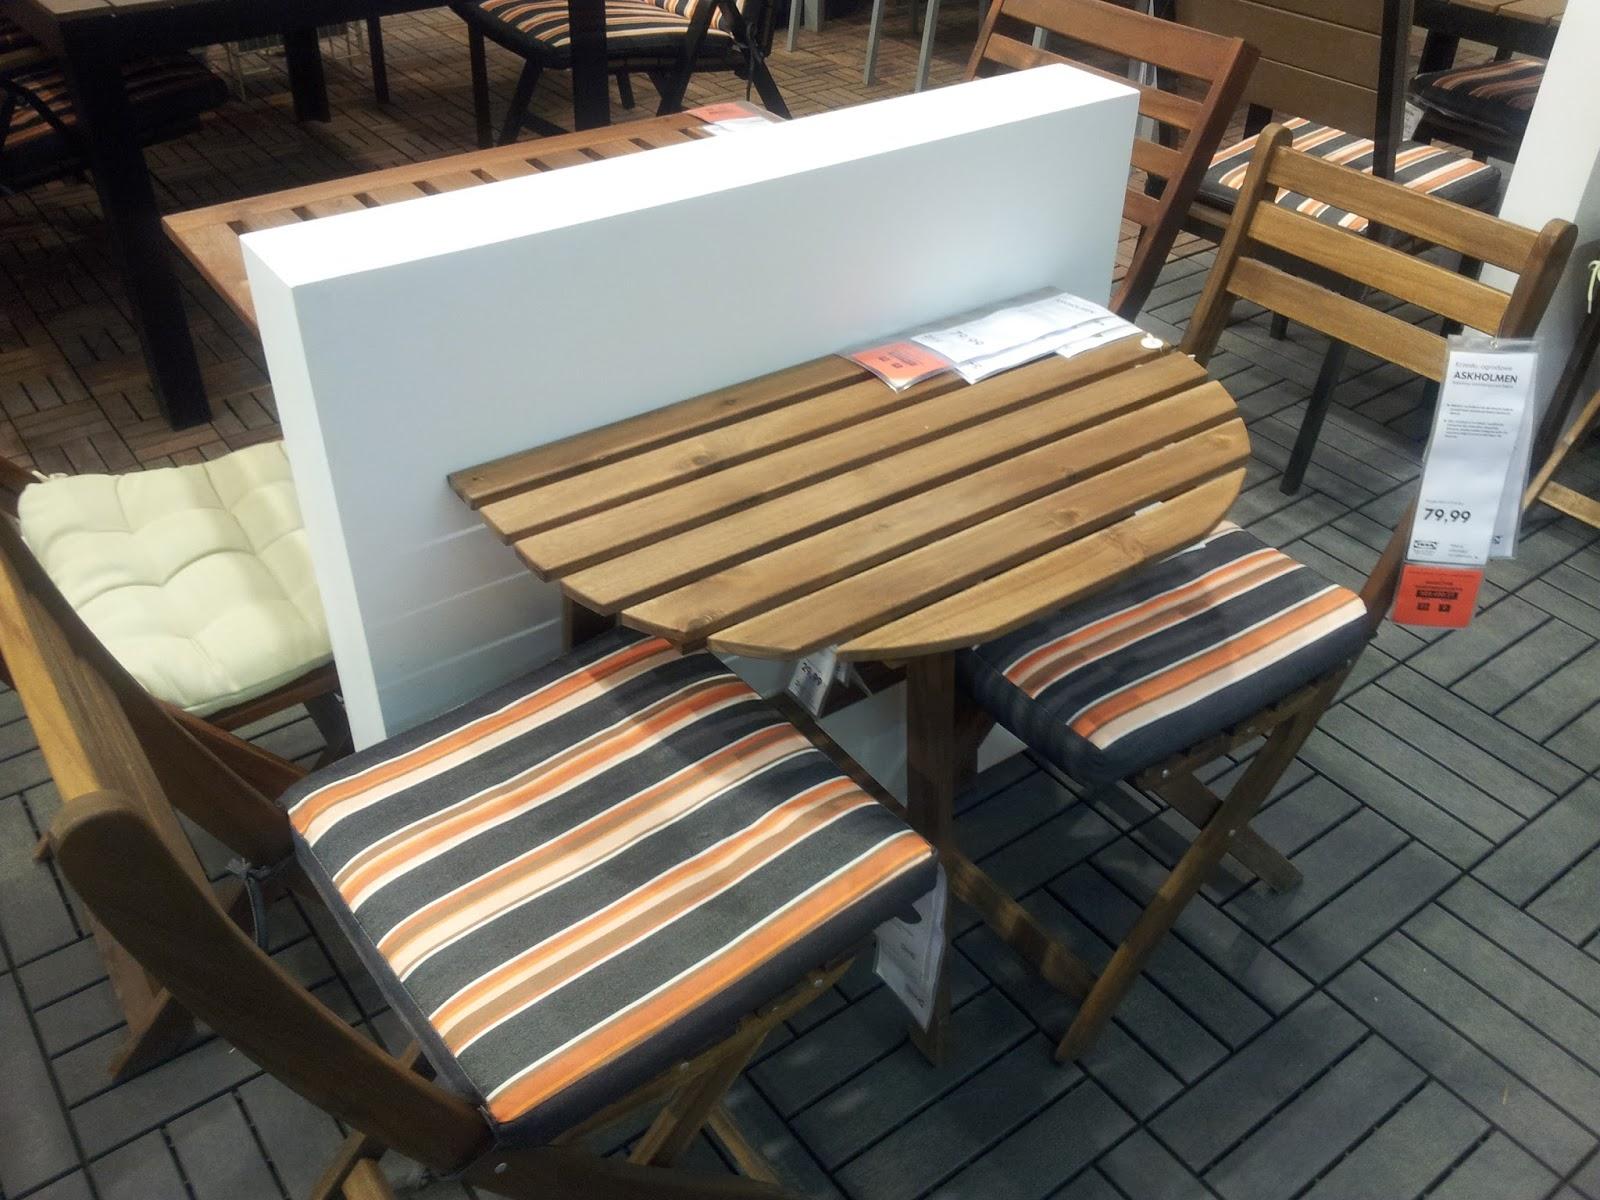 meble ikea na balkon taras ogr d d e k o l a n d. Black Bedroom Furniture Sets. Home Design Ideas